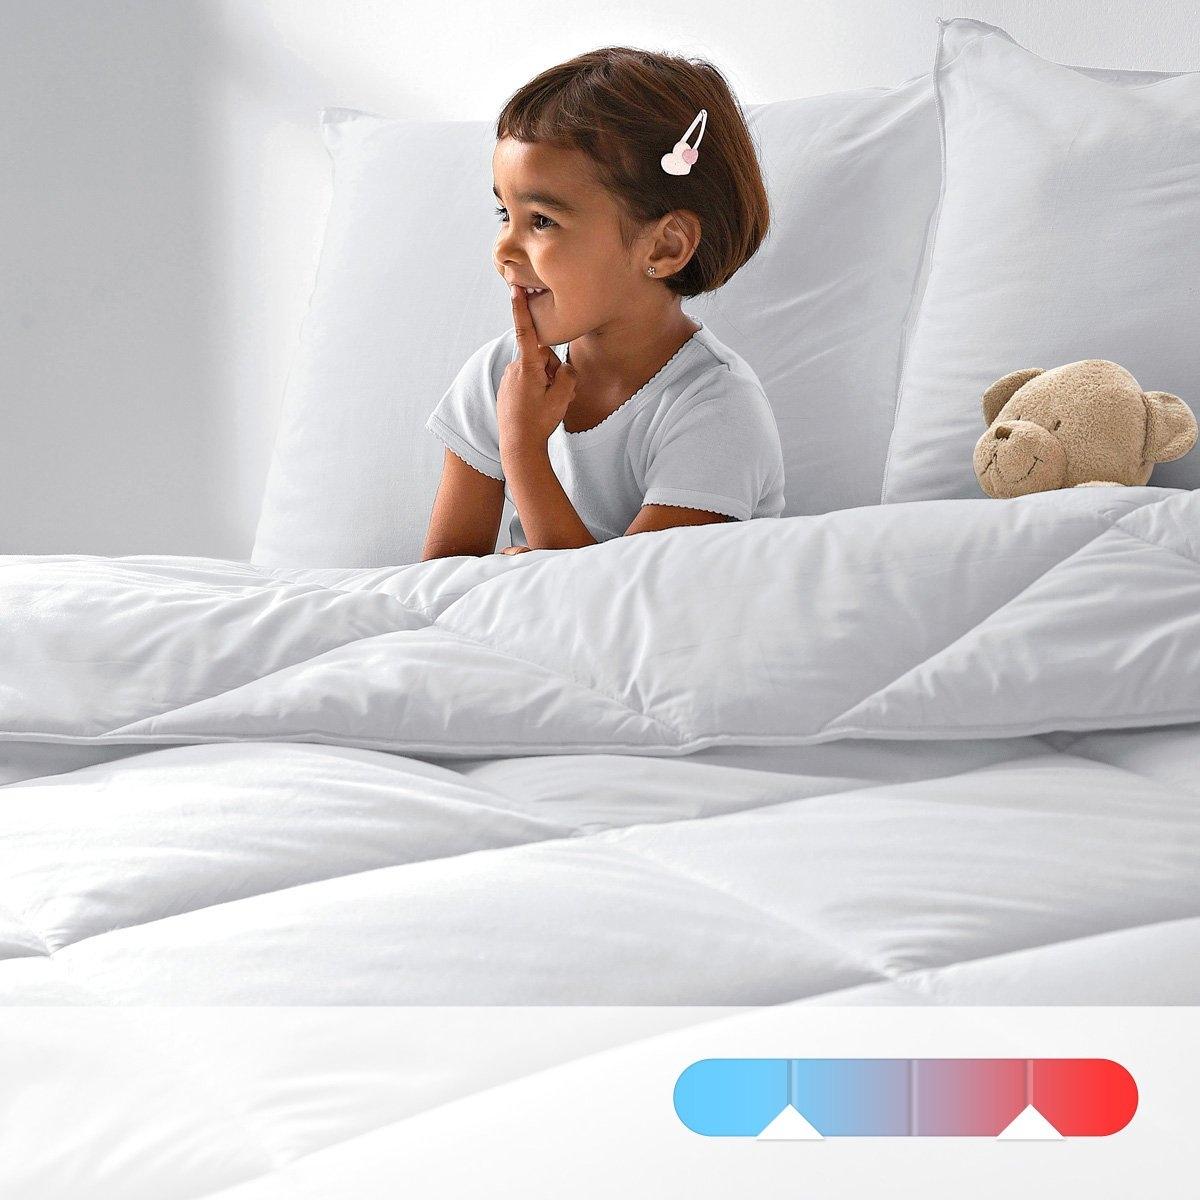 Двойное одеяло LA REDOUTE CREATIONОдеяло, не вызывающее аллергии : пропитка Aegis - настоящий щит от бактерий, клещей и плесени, действующий длительное время внутри волокна   .Одеяло 200 г/м? для лета, 1 одеяло 300 г/м? для межсезонья, оба одеяла соединяются завязками для зимы .Наполнитель : 100 % полые волокна полиэстера .: Чехол из 100% хлопка с обработкой Aegis, обеспечивающей свежесть и идеальную гигиену  . Биоцидная обработка  .Отделка : кантом .Прострочка : в клетку по диагонали  .Уход: : стирка при 40°, возможна барабанная сушка на умеренной температуре  .<br><br>Цвет: белый